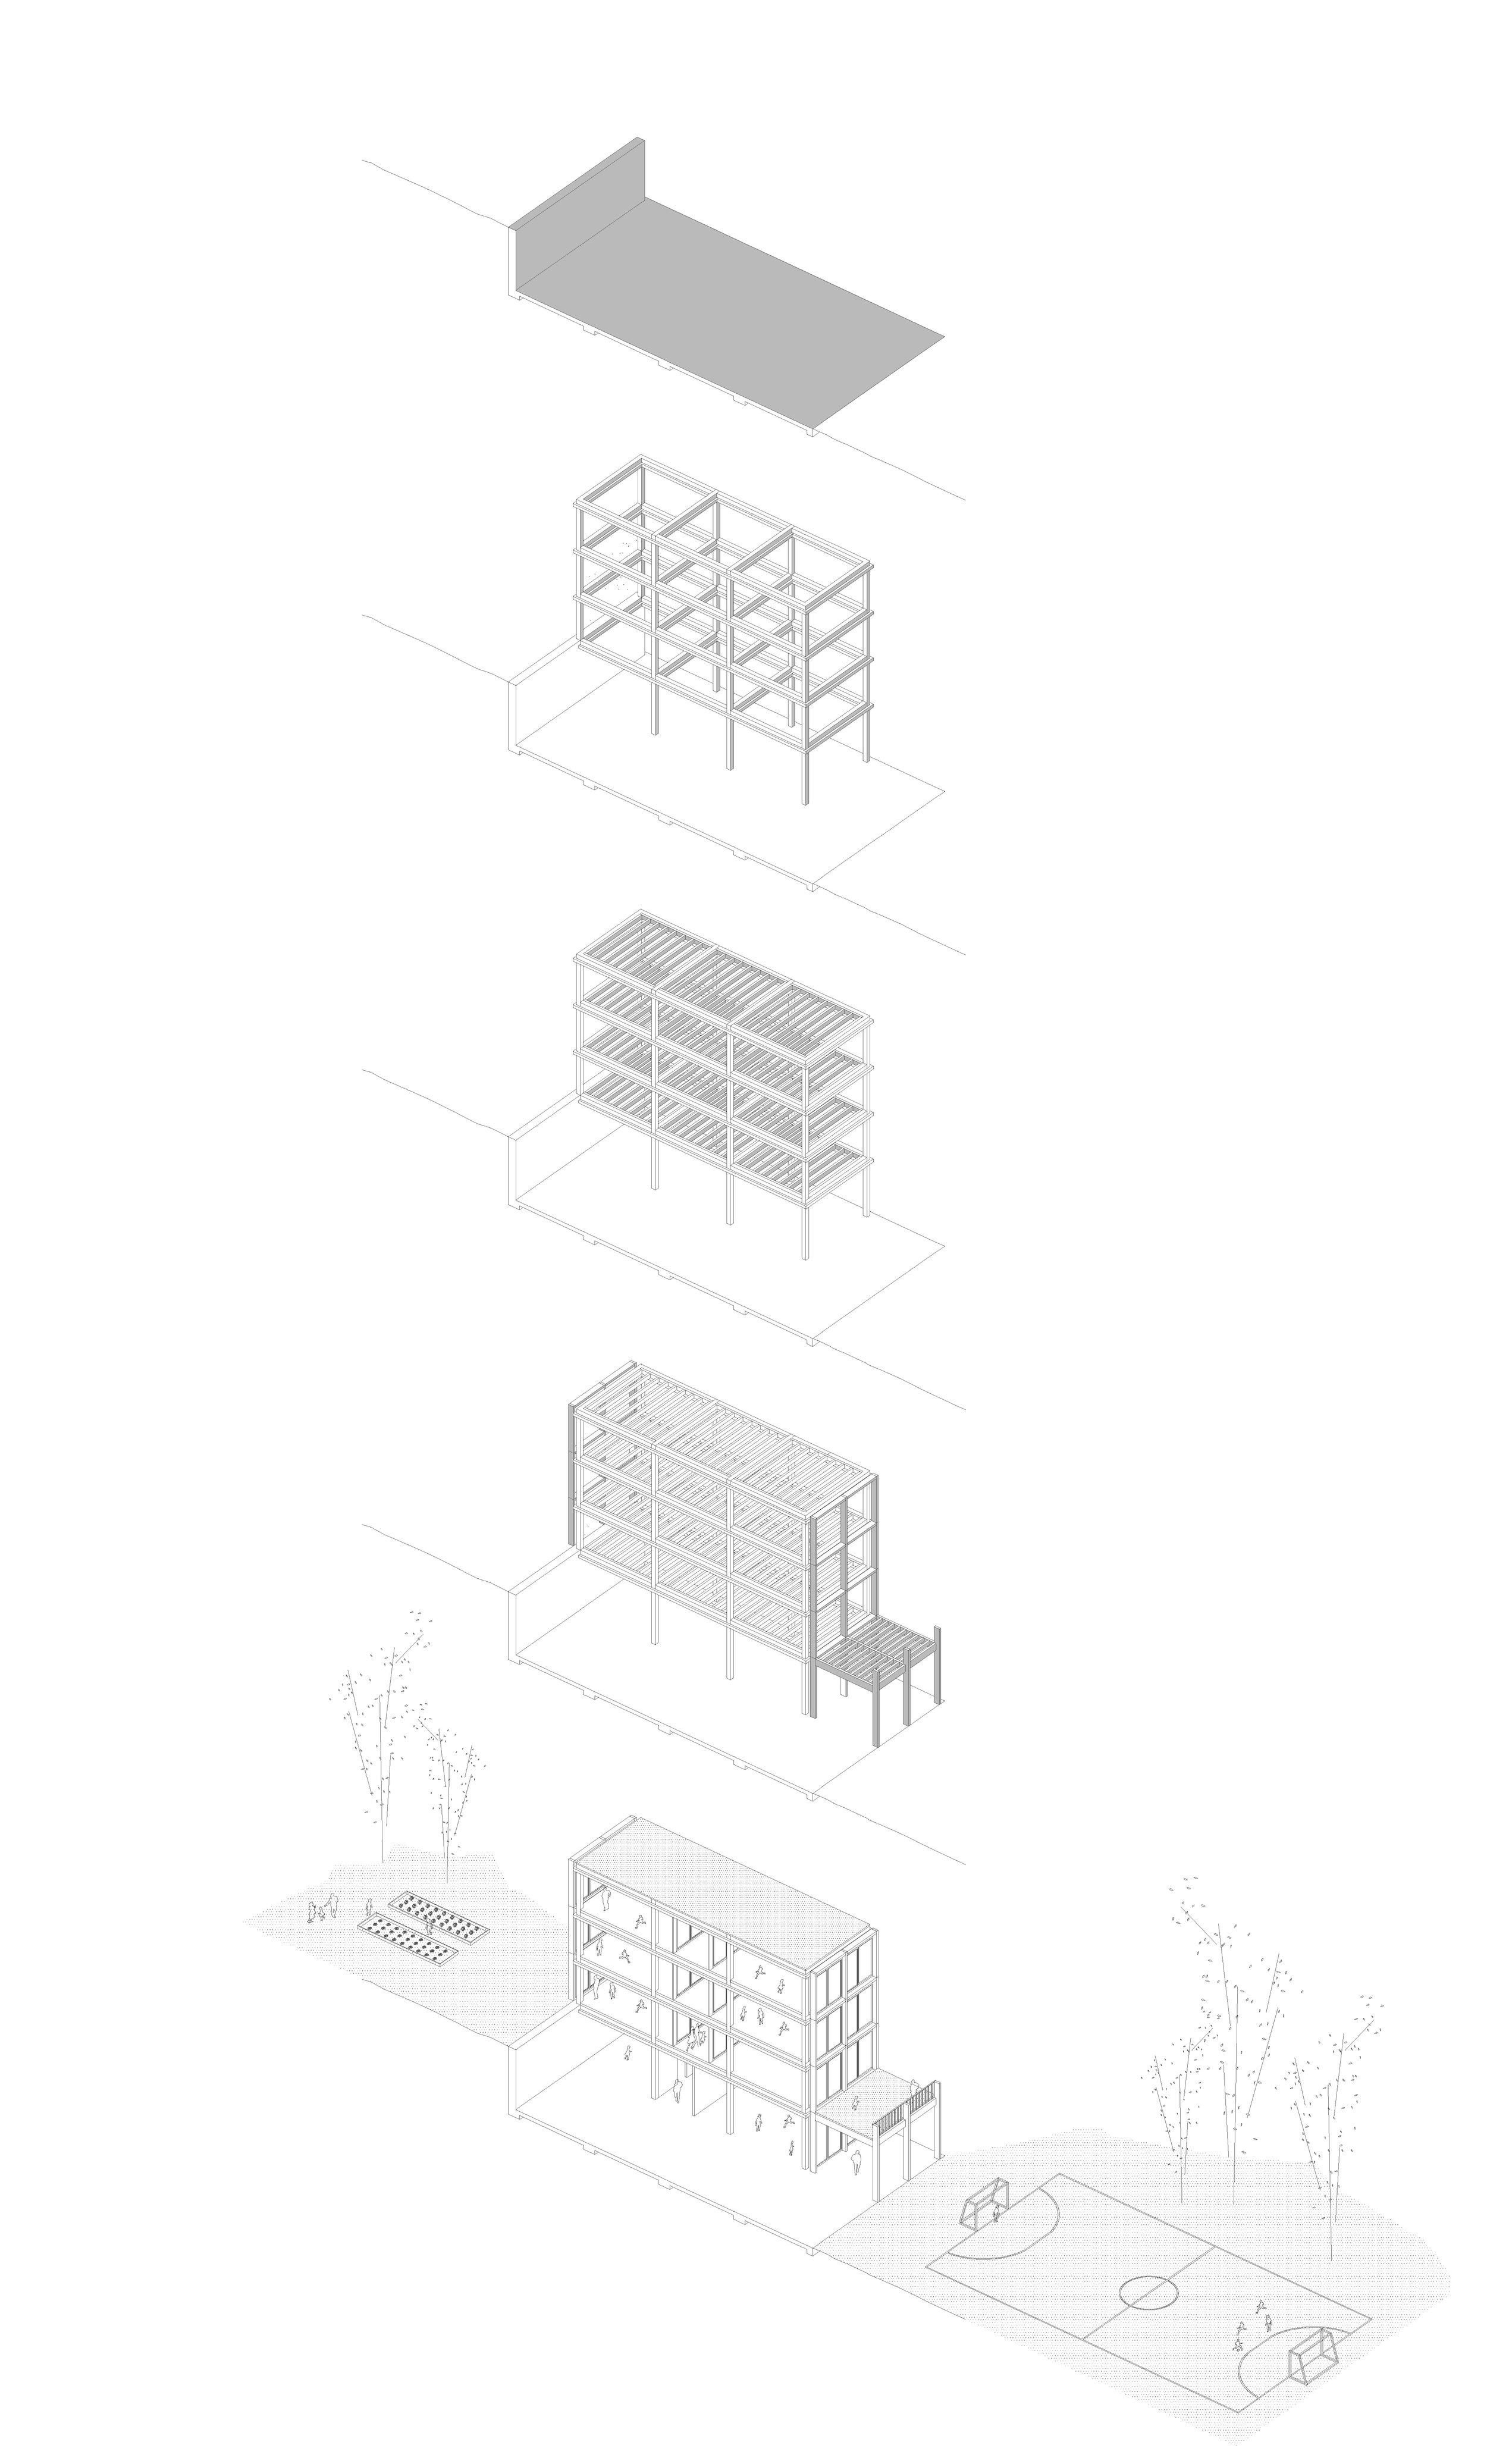 proces_constructiu1.jpg